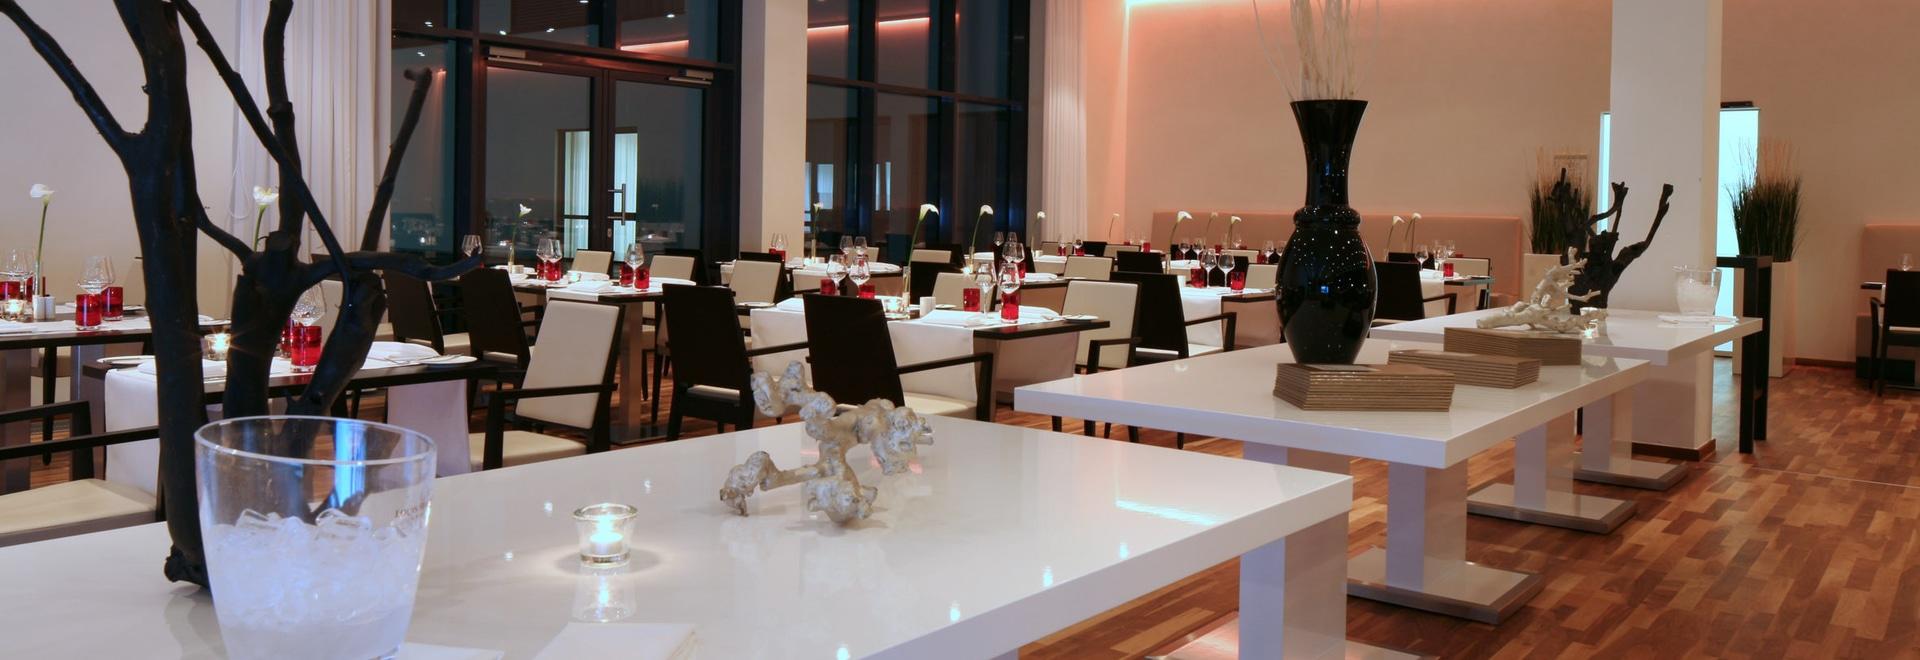 Dining room Hotel Innside